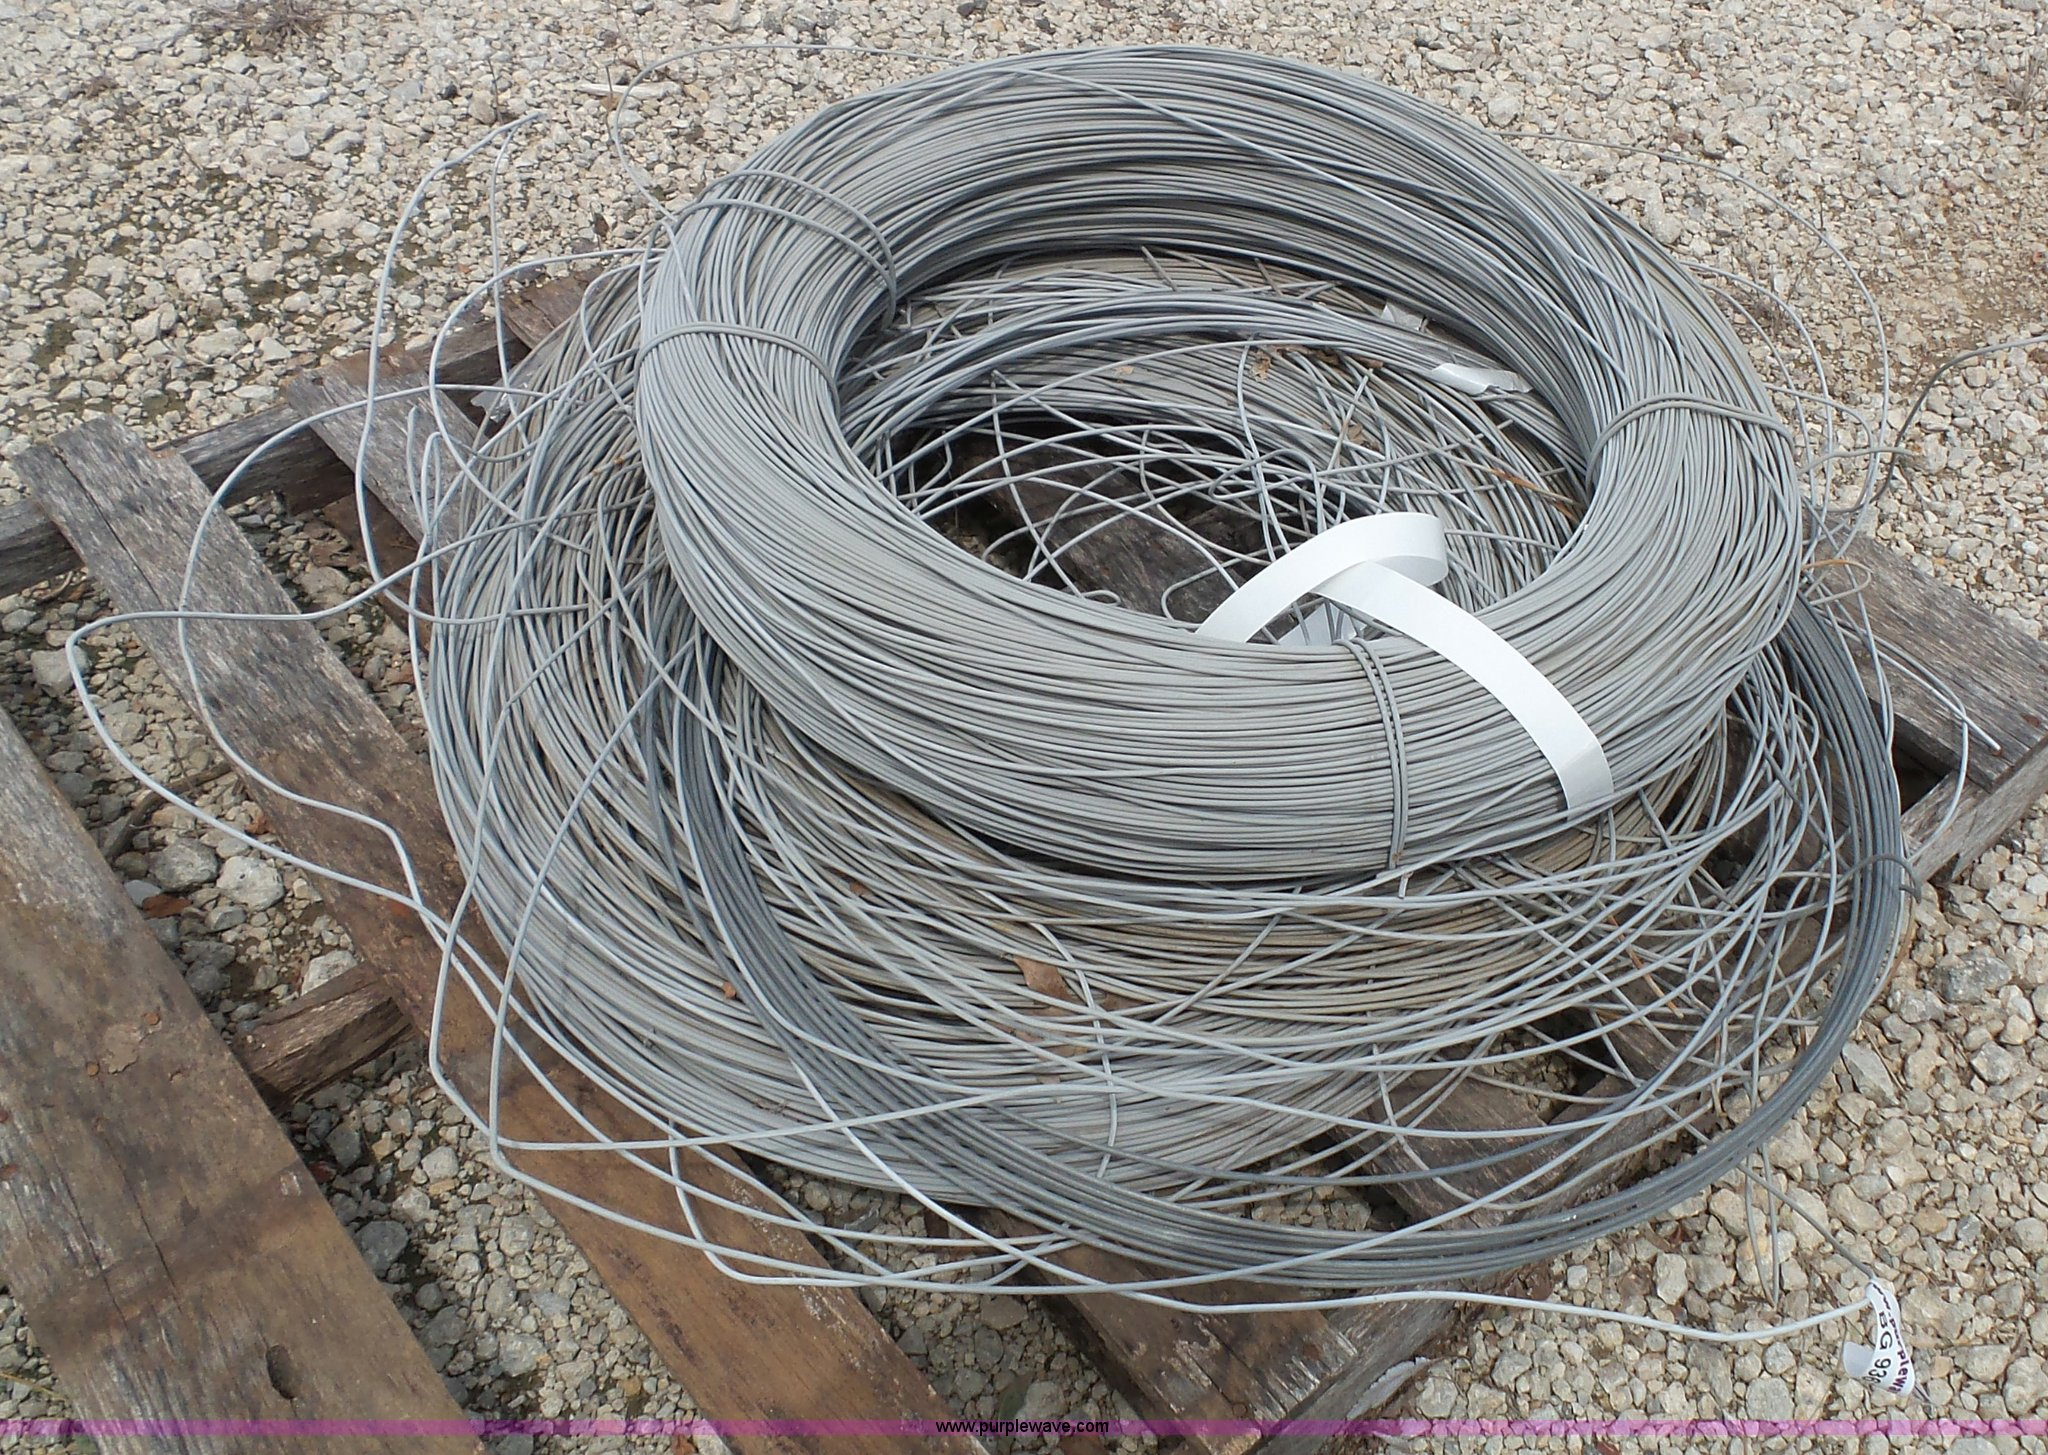 Vinyl aluminum coated wire | Item BG9363 | SOLD! August 11 C...